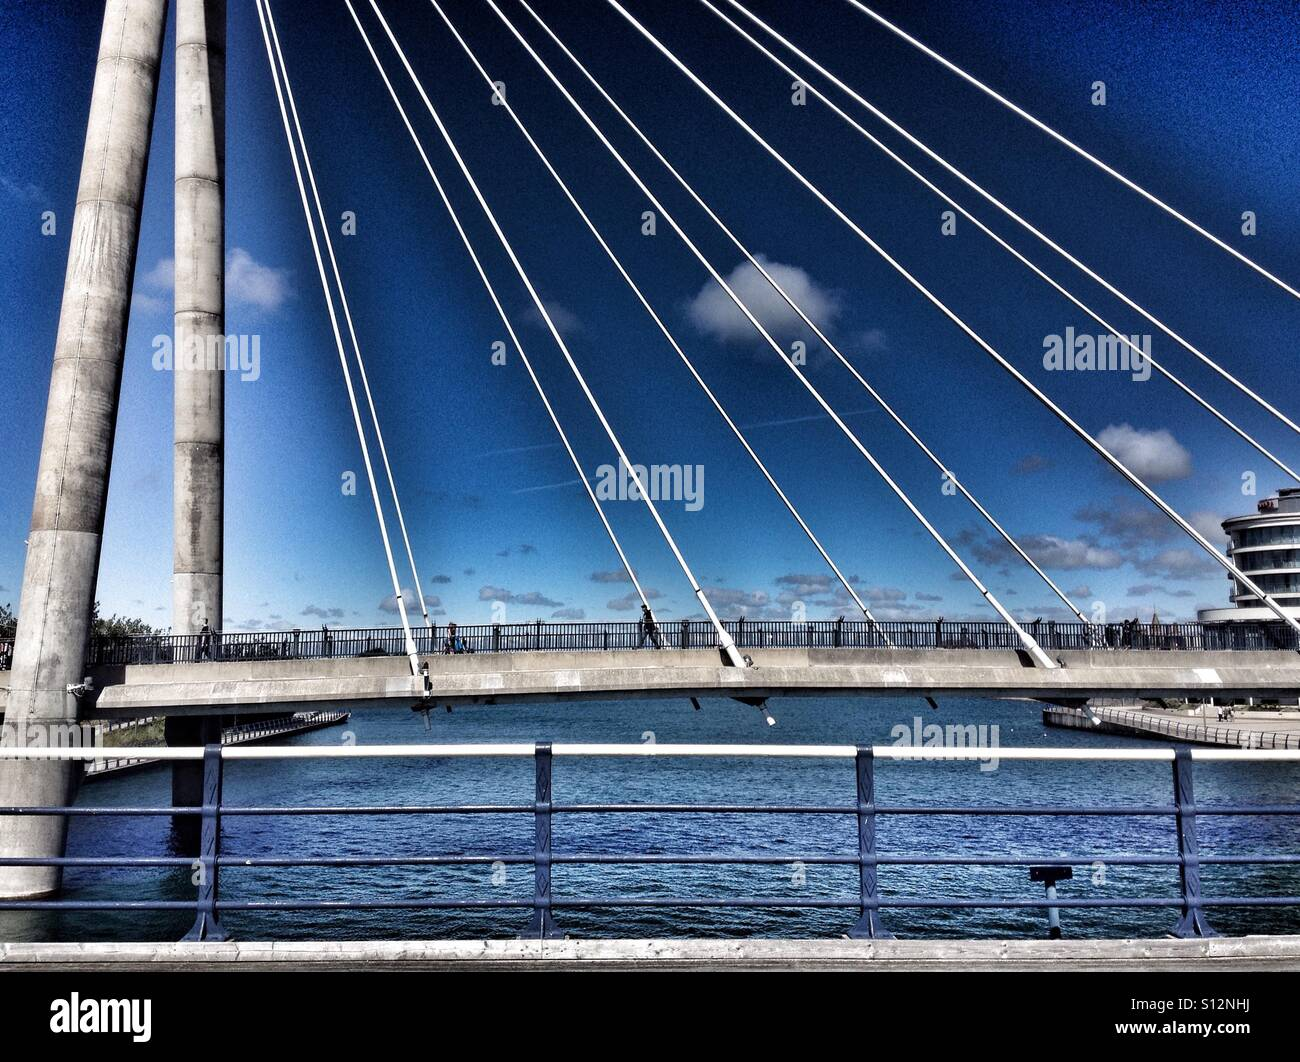 Southport marine lake bridge - Stock Image